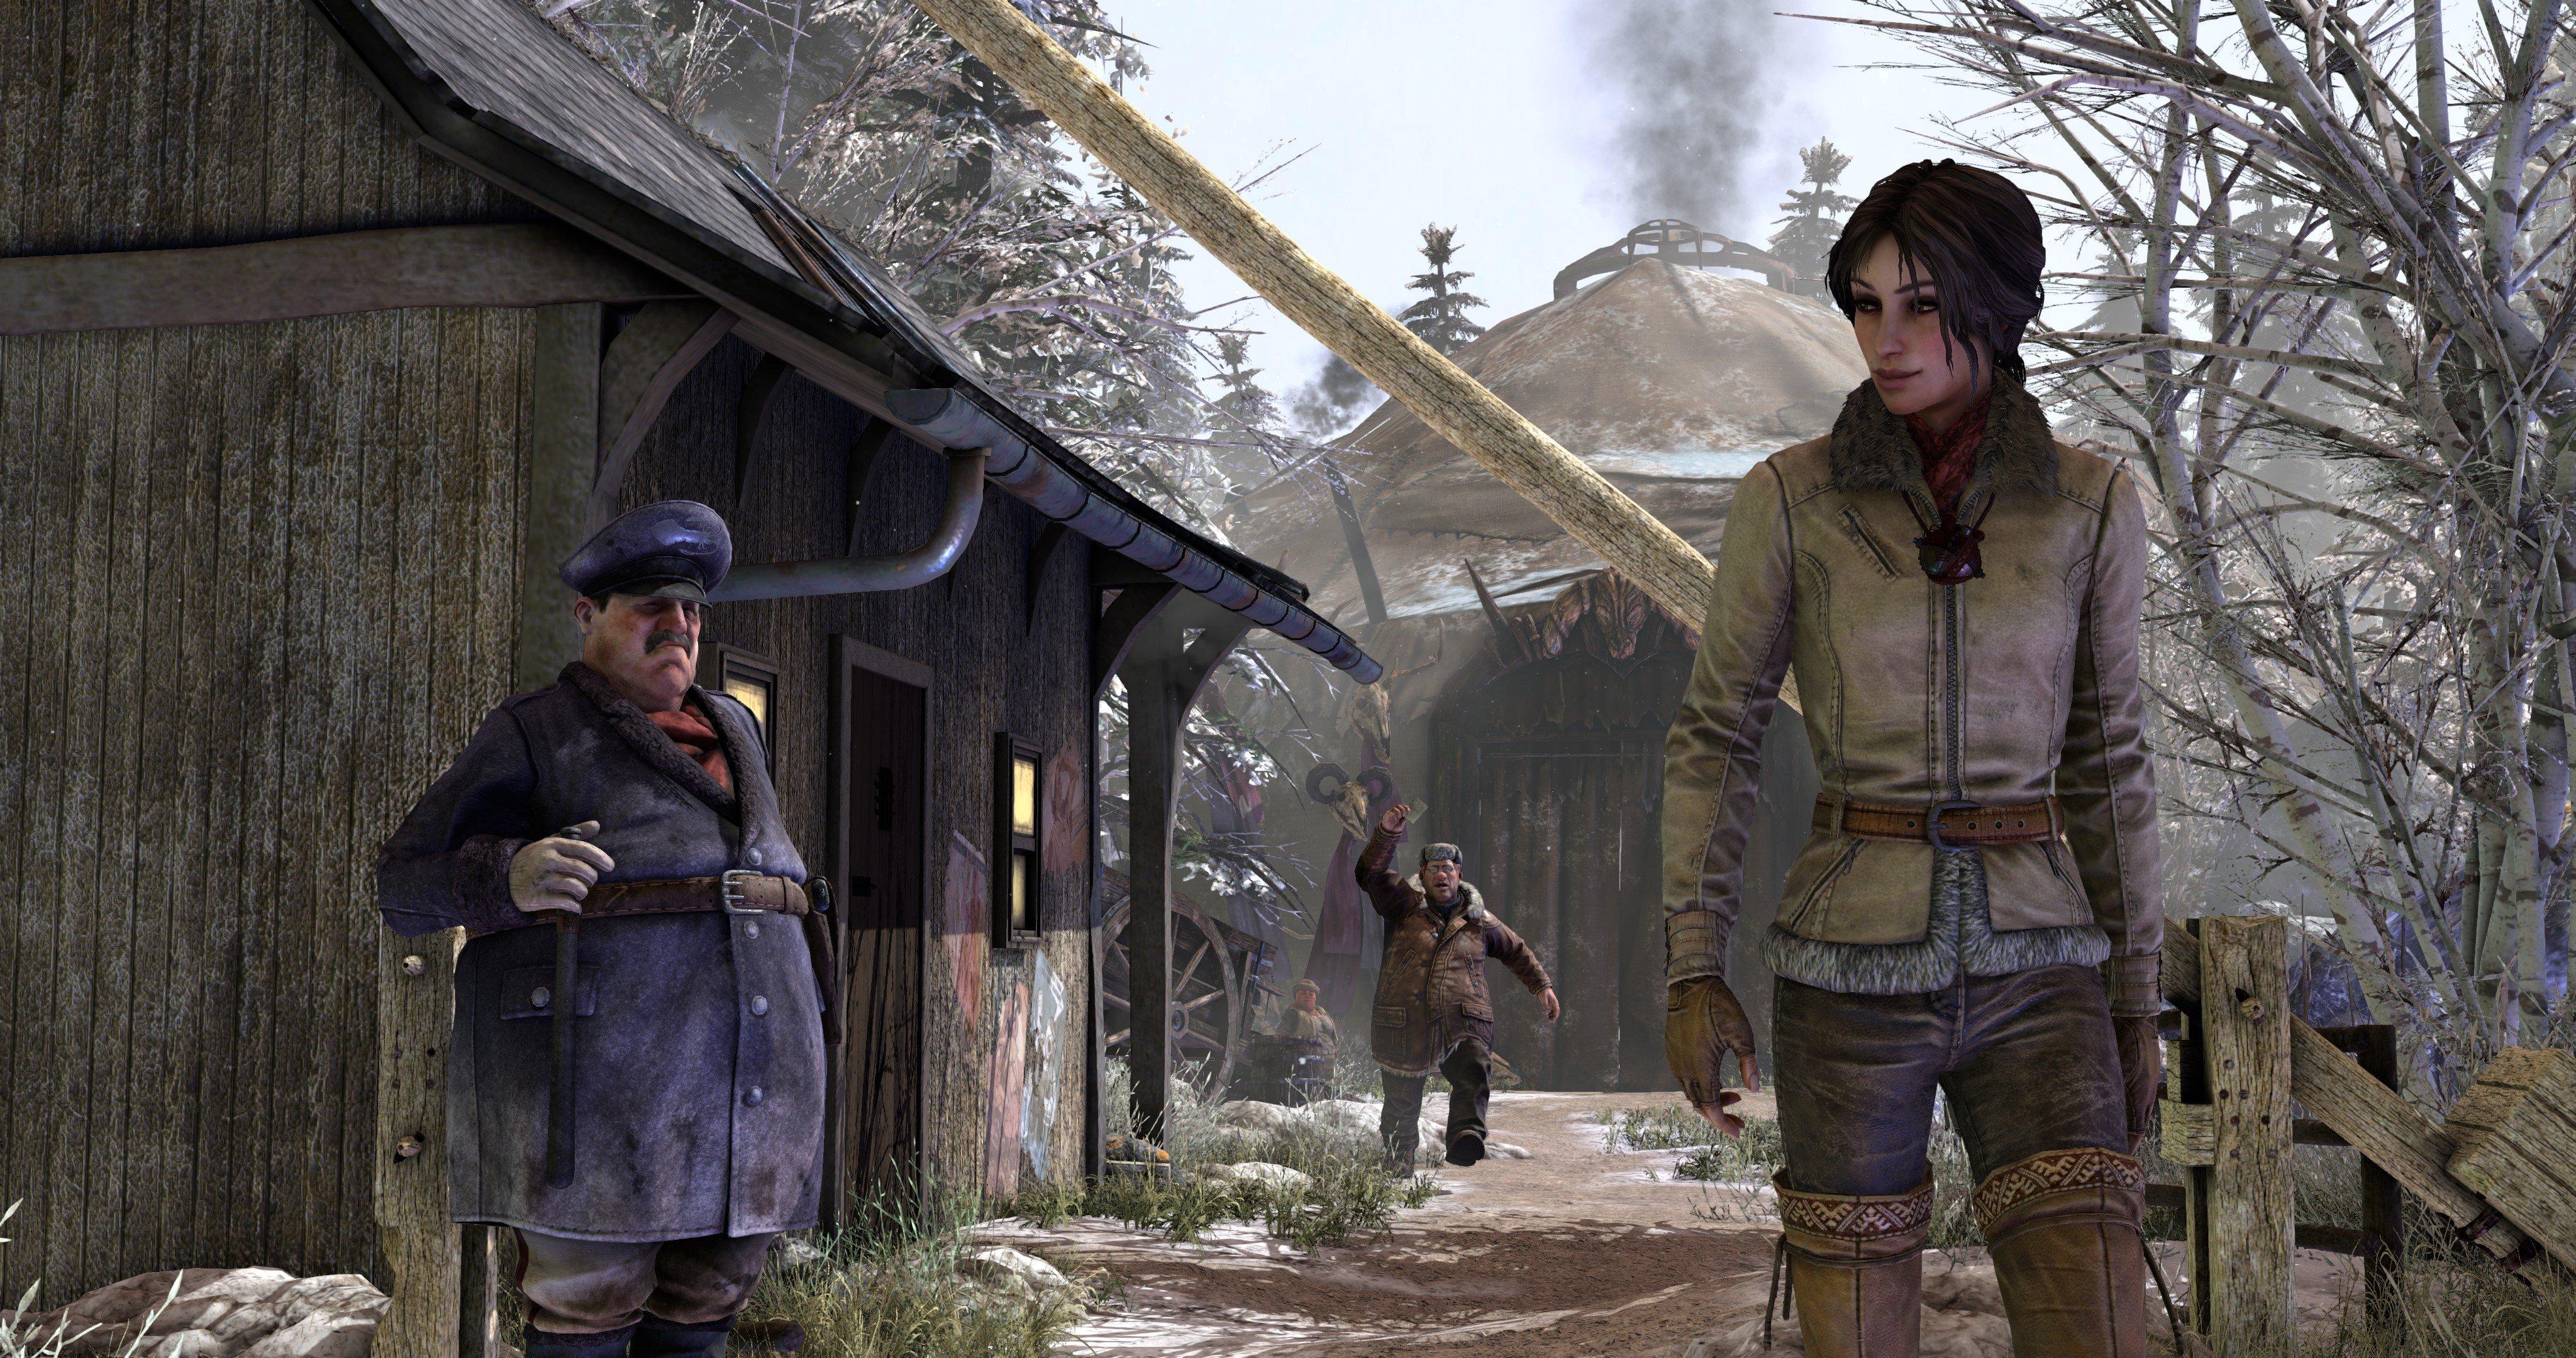 Скриншот Сибирь 3 / Syberia 3: Deluxe Edition (2017) REPACK ОТ R.G. МЕХАНИКИ скачать торрент бесплатно